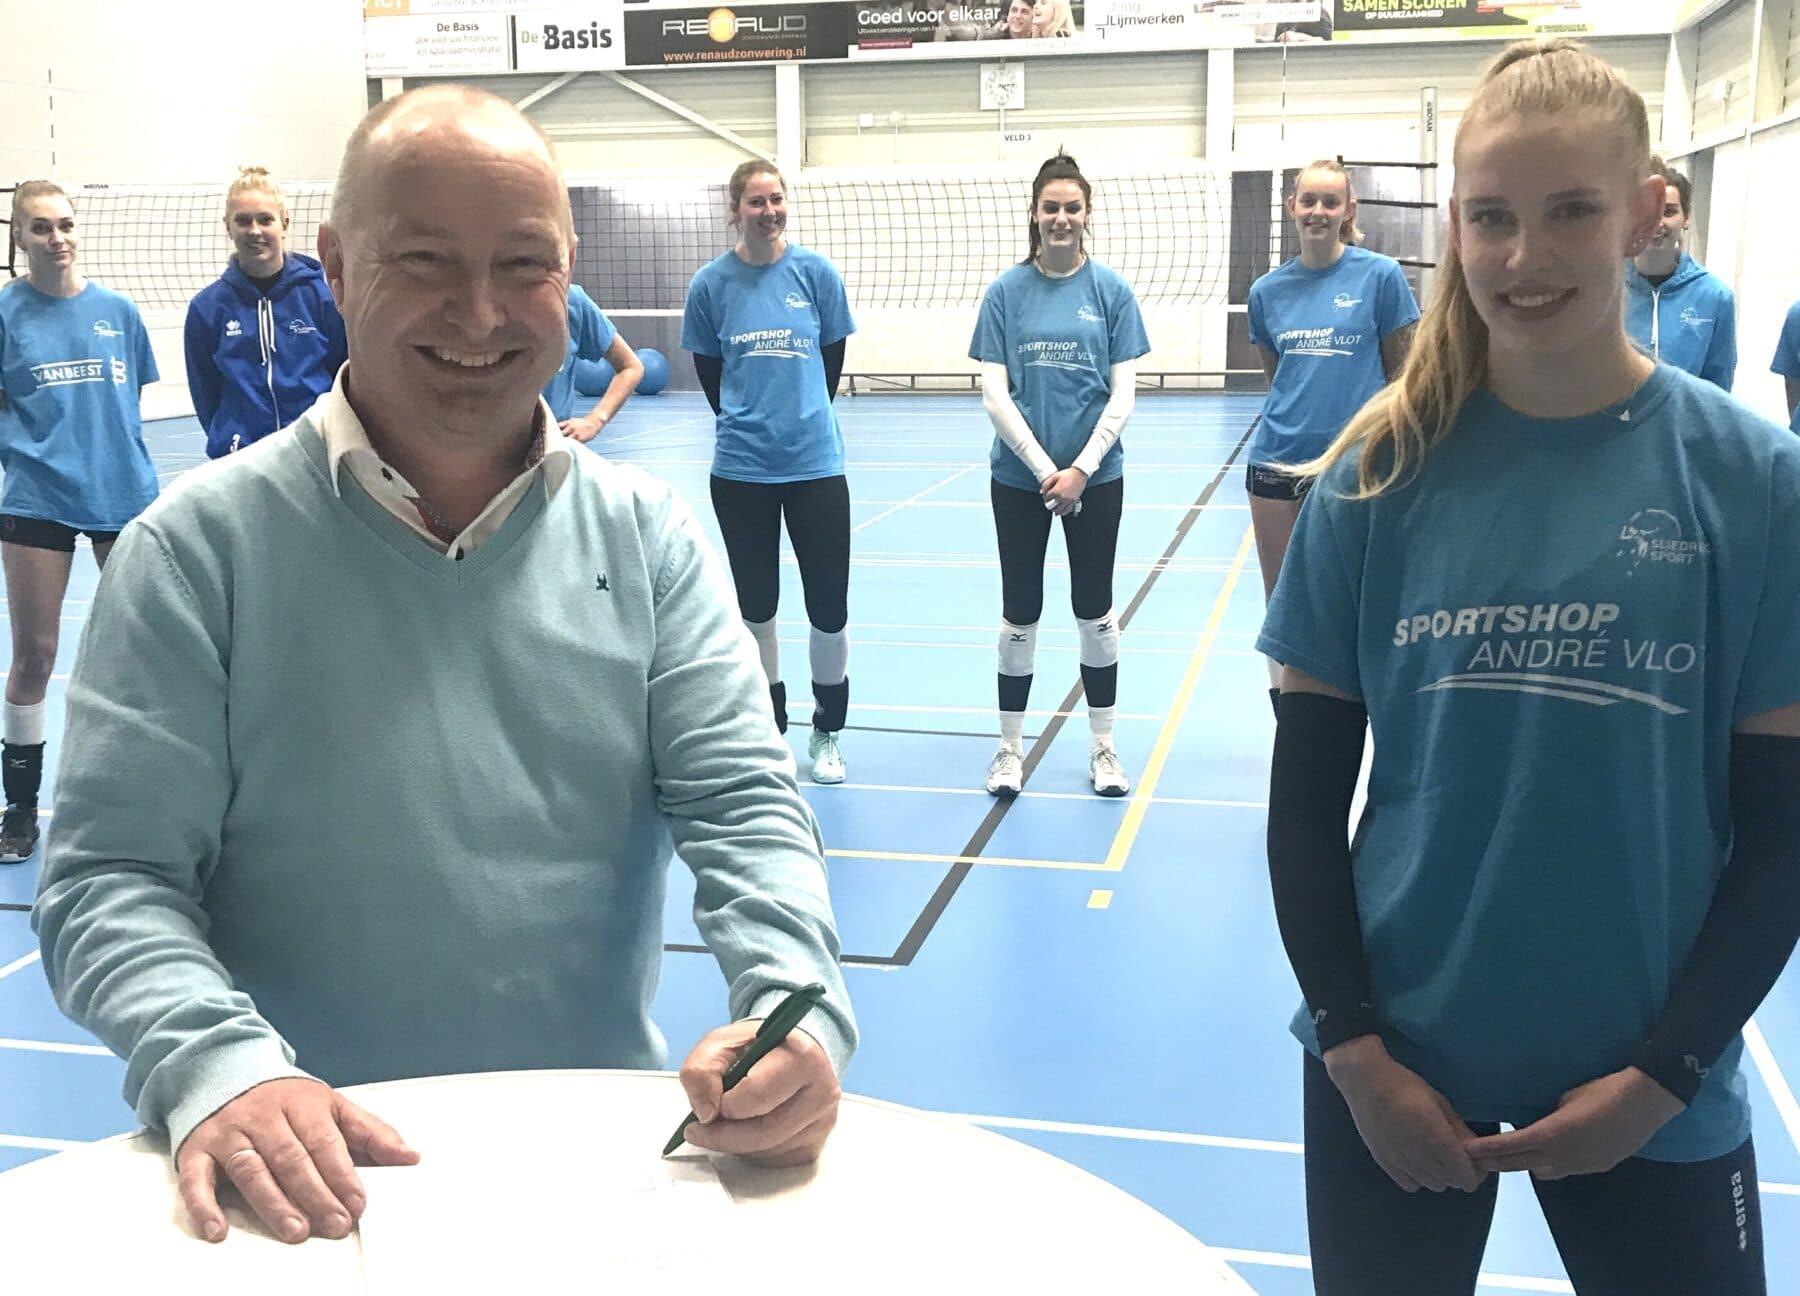 Baggerbedrijf de Boer en Sliedrecht Sport verlengen samenwerking